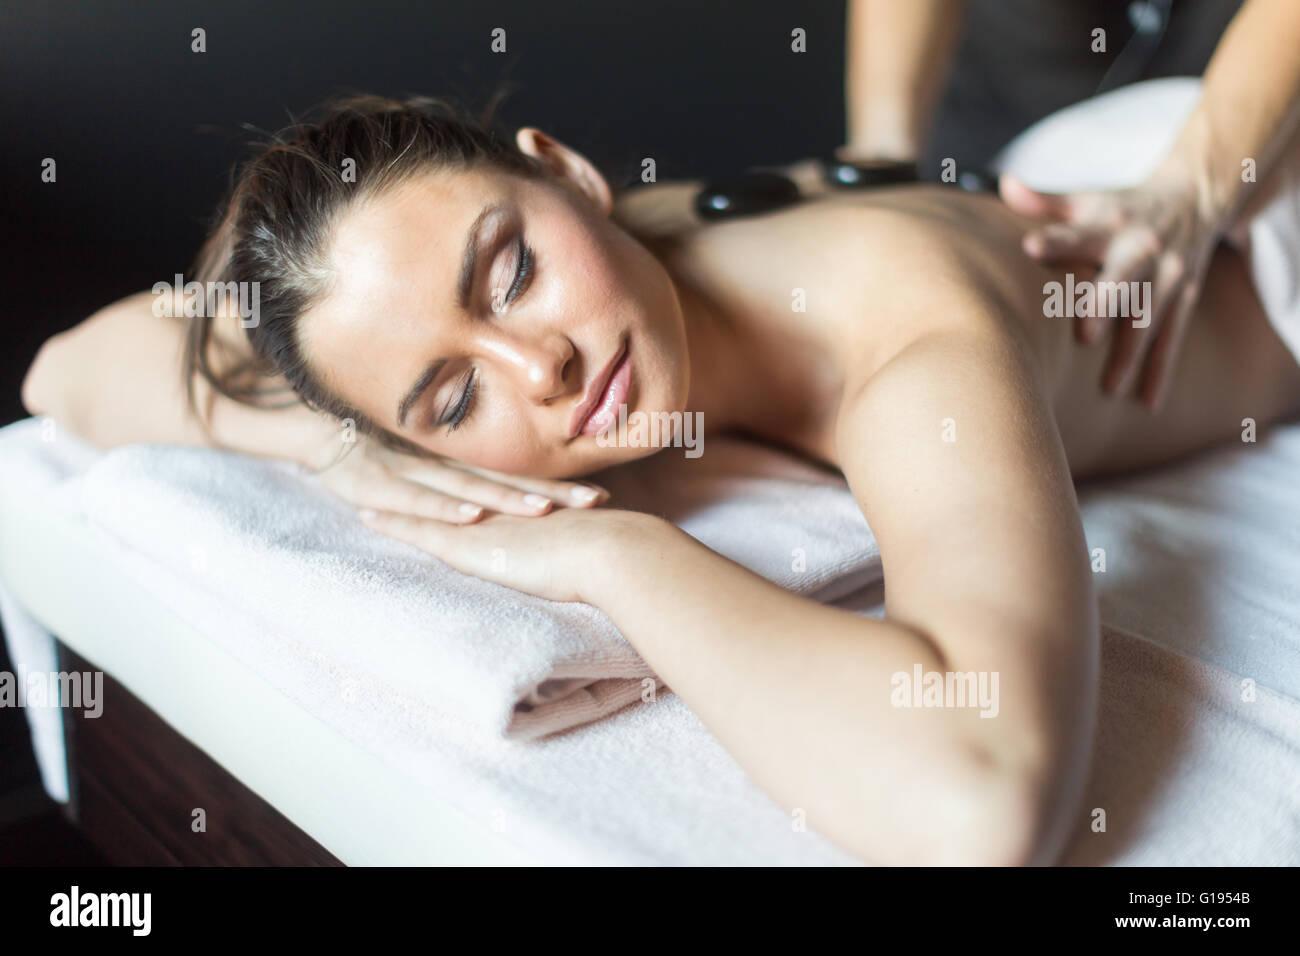 Giovane e bella signora di essere massaggiato con pietre calde sulla schiena Immagini Stock